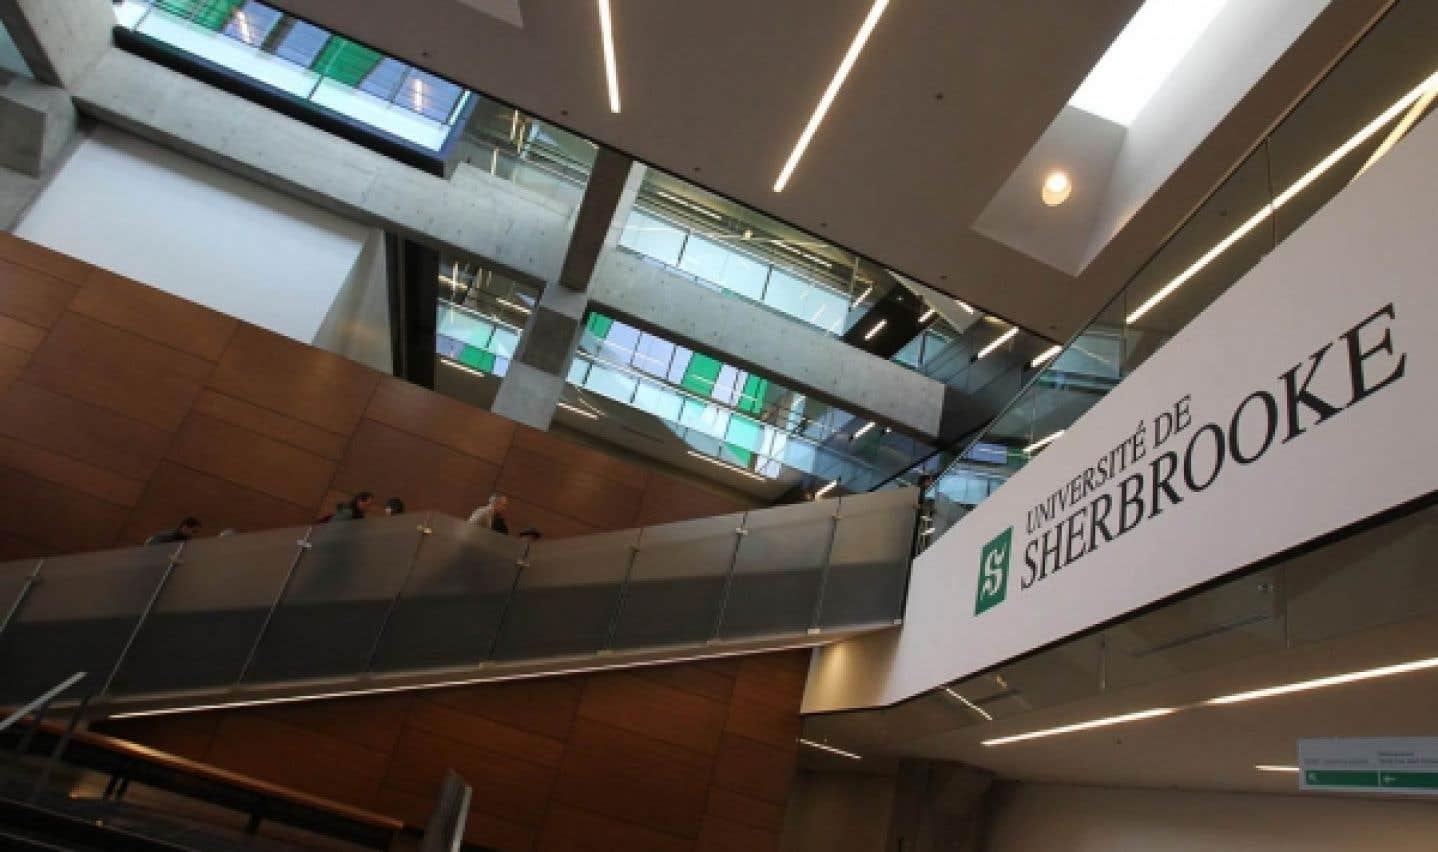 L'engouement est tel que l'Université de Sherbrooke a mis en place, à son campus de Longueuil, un diplôme de deuxième cycle en stratégie de l'intelligence d'affaires.